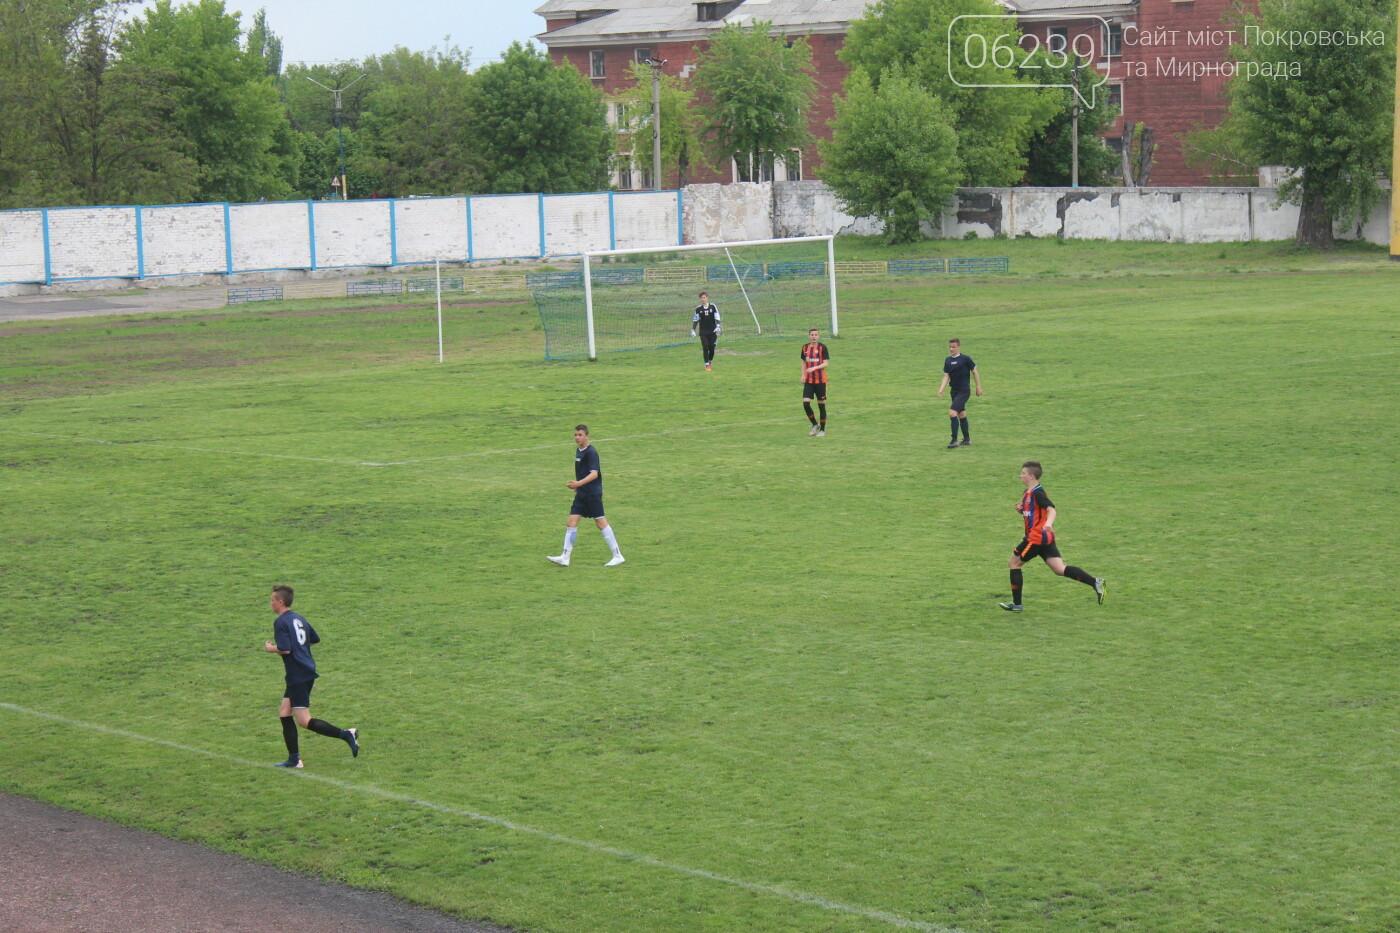 Футболисты ДЮСШ Мирнограда завершили выступления в рамках группового этапа Чемпионата области по футболу , фото-9